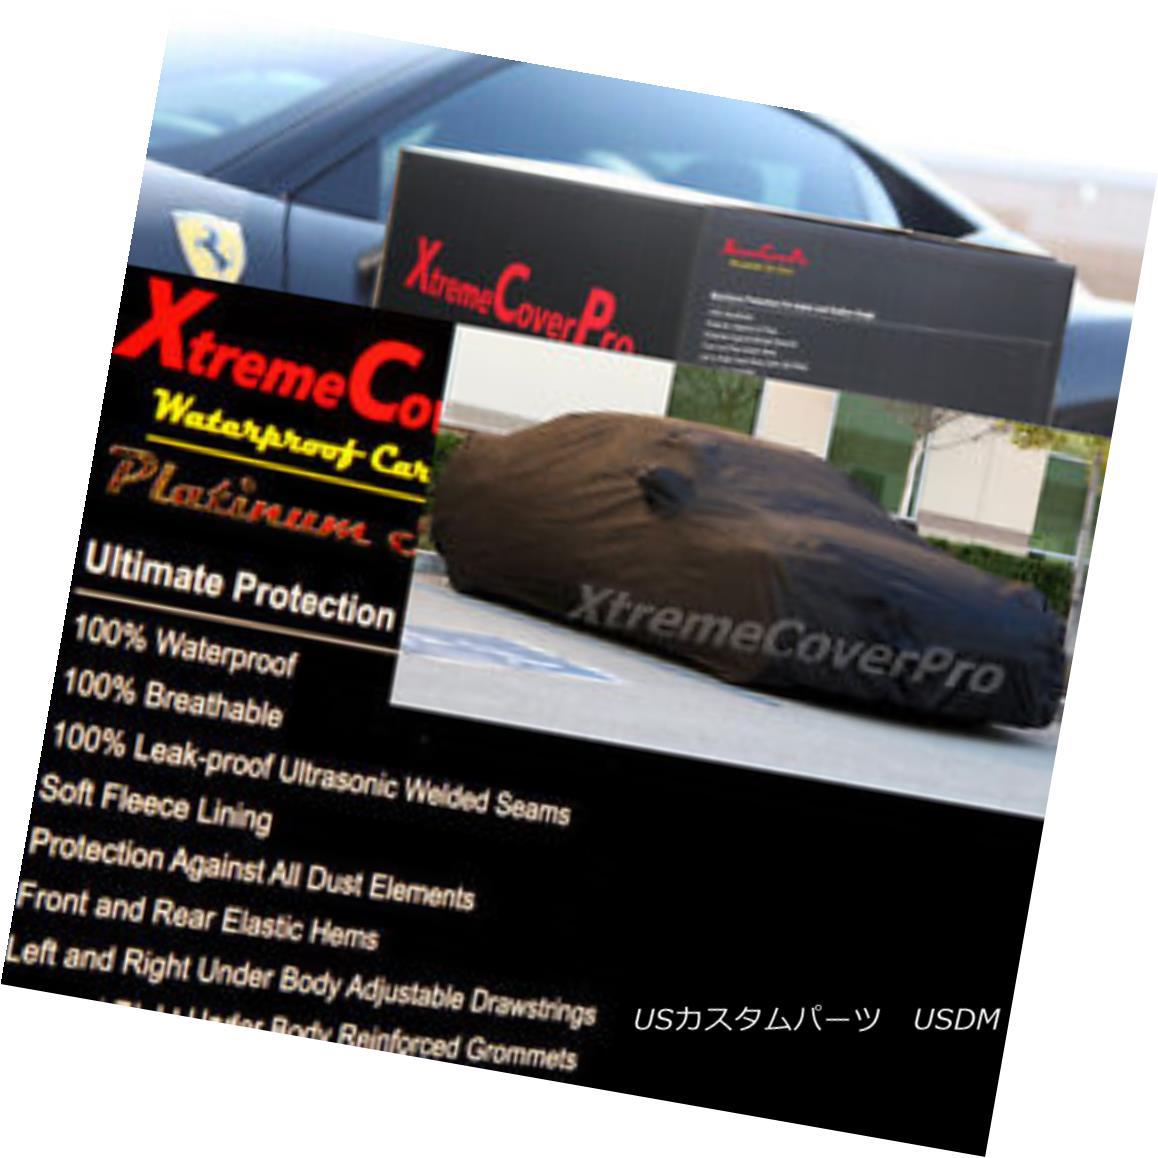 カーカバー 2015 LINCOLN MKZ Waterproof Car Cover w/Mirror Pockets - Black 2015 LINCOLN MKZミラーポケット付き防水カーカバー - ブラック